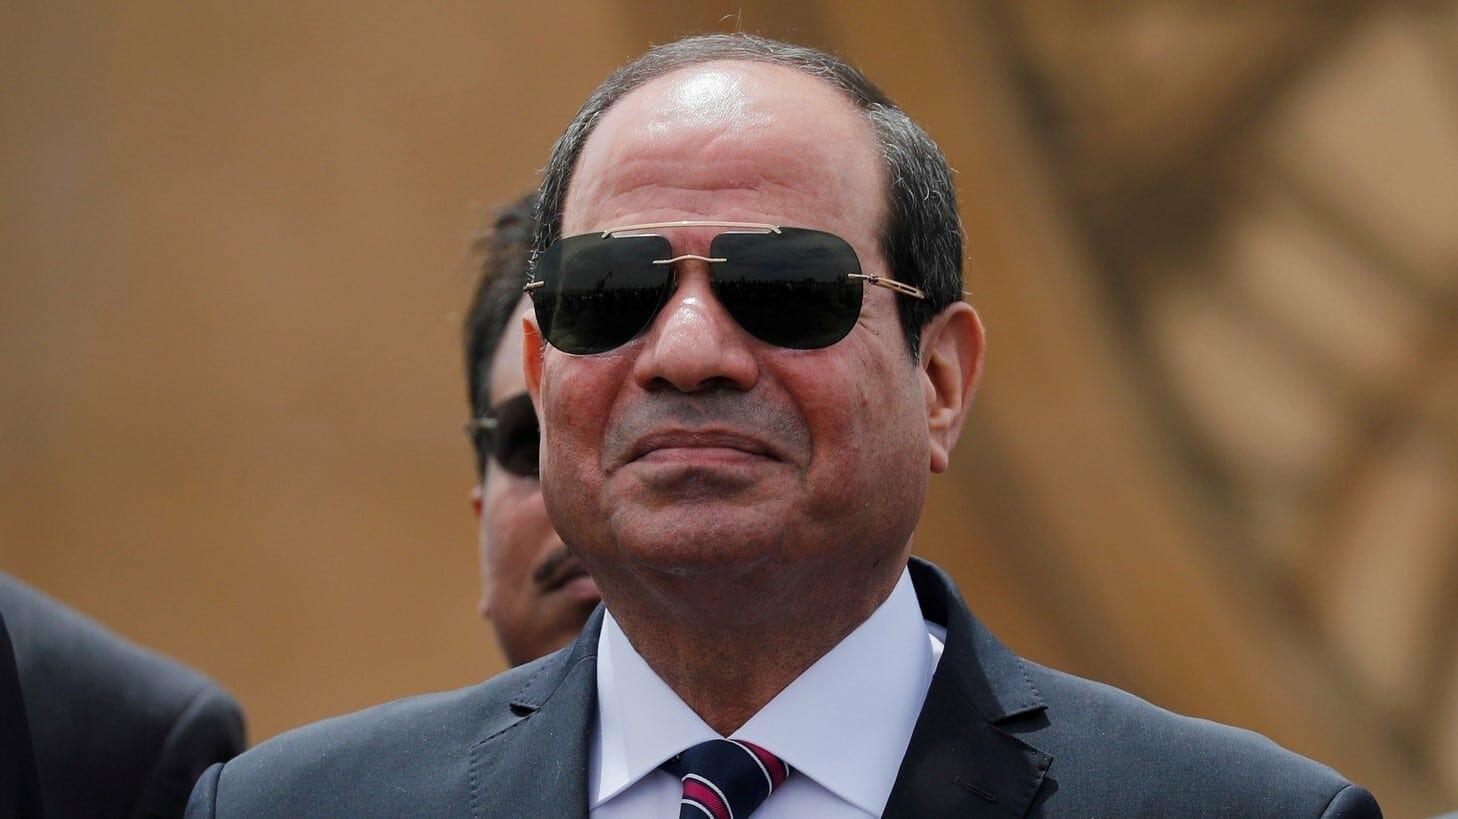 المصريون يطلقون حملة على مواقع التواصل لمهاجمة السيسي والجيش بسبب سد النهضة